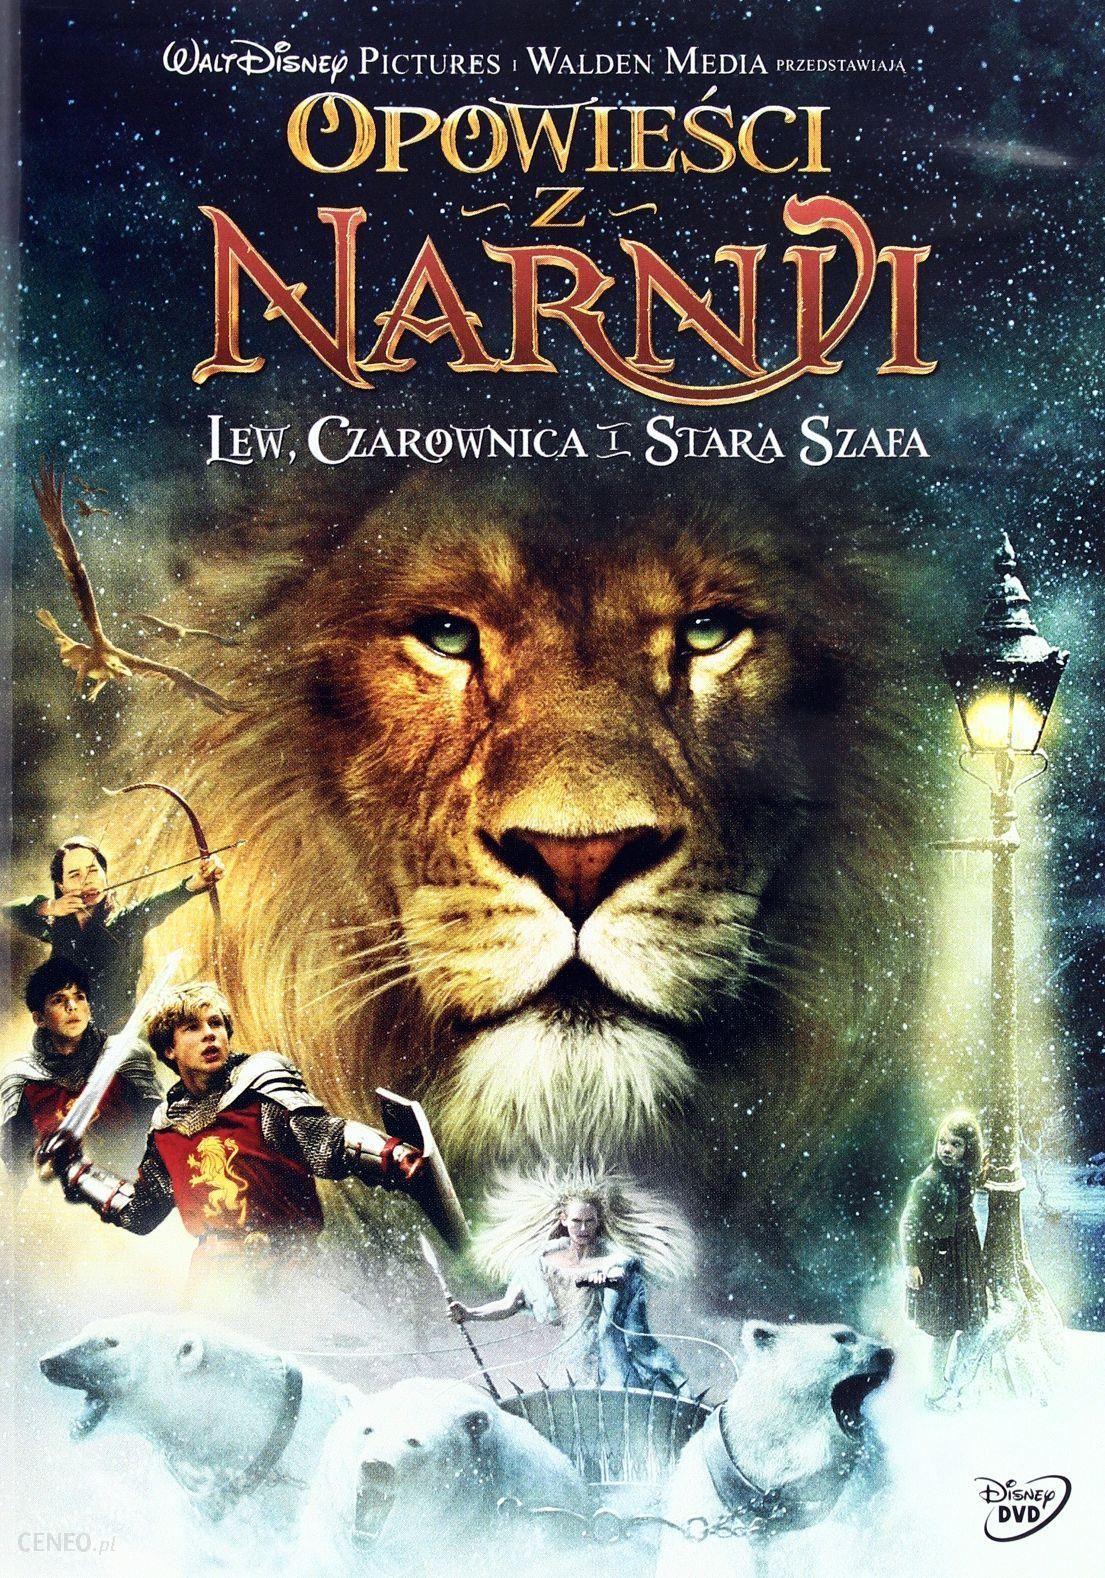 Film DVD Opowieści Z Narnii: Lew Czarownica I Stara Szafa (The Chronicles  of Narnia: The Lion, the Witch and the Wardrobe) (DVD) - Ceny i opinie -  Ceneo.pl